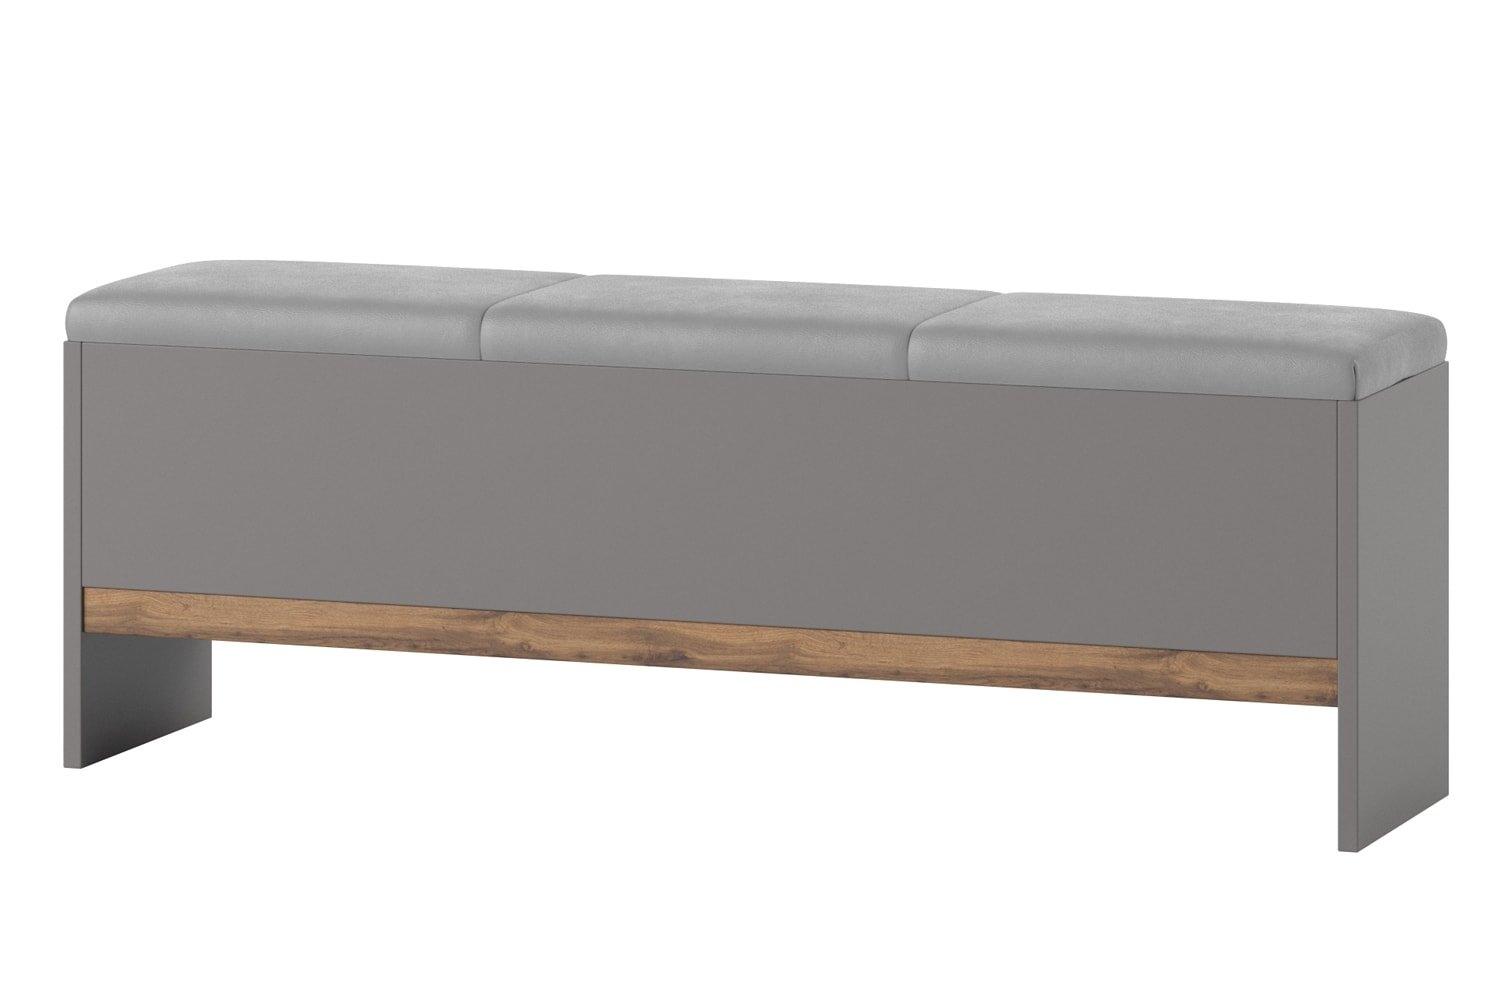 Banca tapitata cu piele ecologica Livorno 65 Oak / Grey, l165xA35xH53 cm imagine